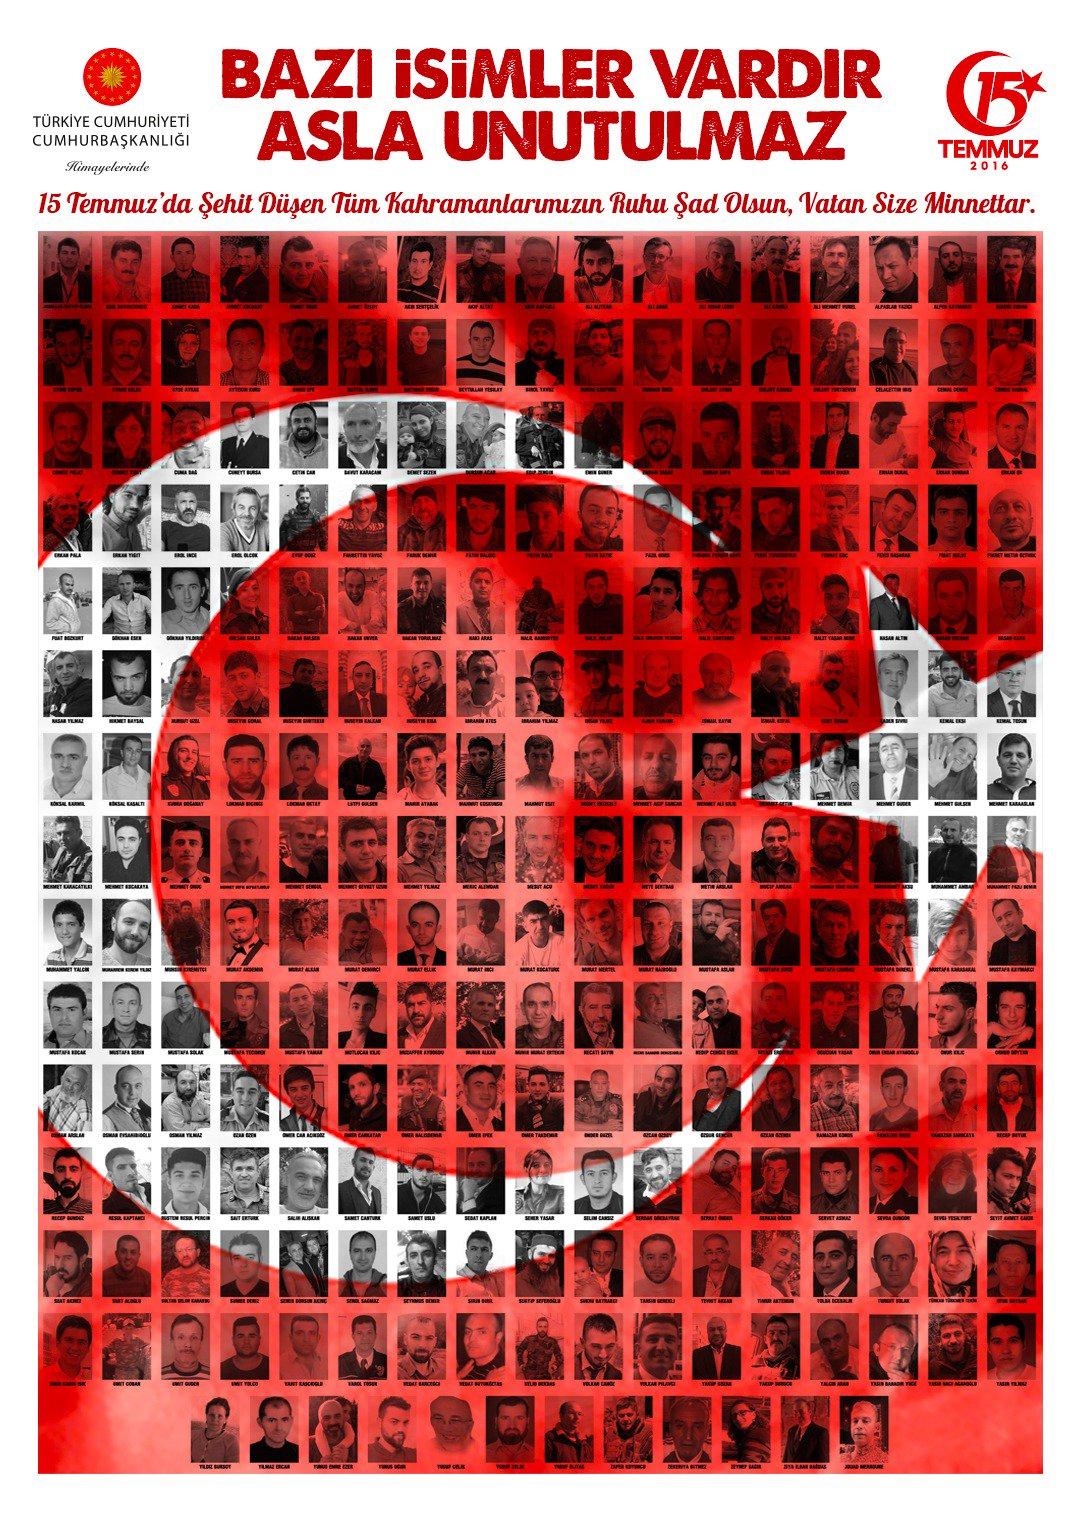 Bazı isimler vardır, asla unutulmaz.  15 TEMMUZ ŞEHİTLERİMİZİN RUHU ŞADOLSUN. https://t.co/QUfUTe5jlf